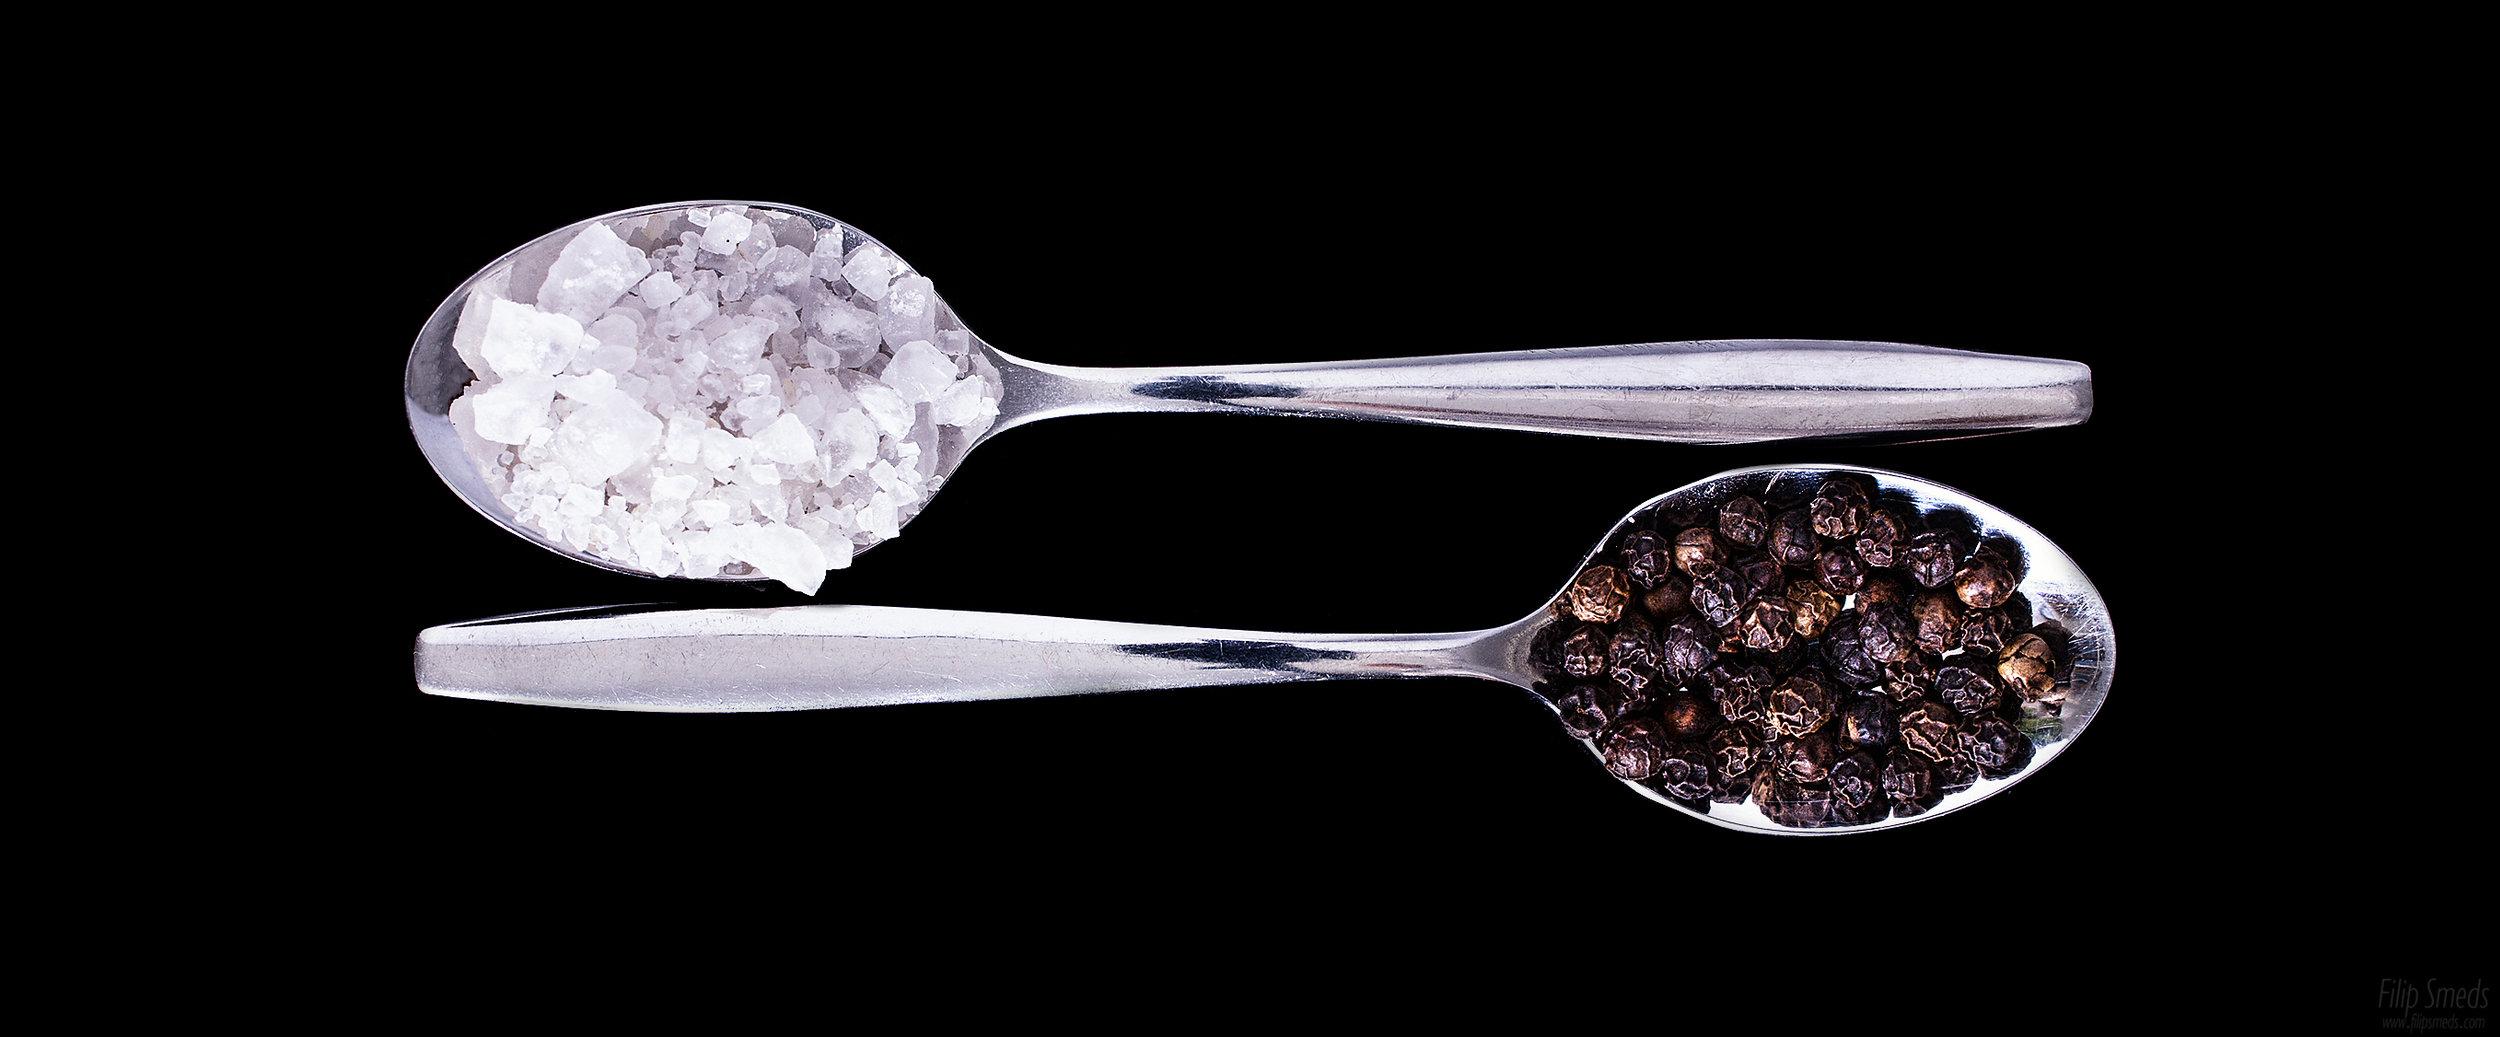 salt and pepper v2.jpg